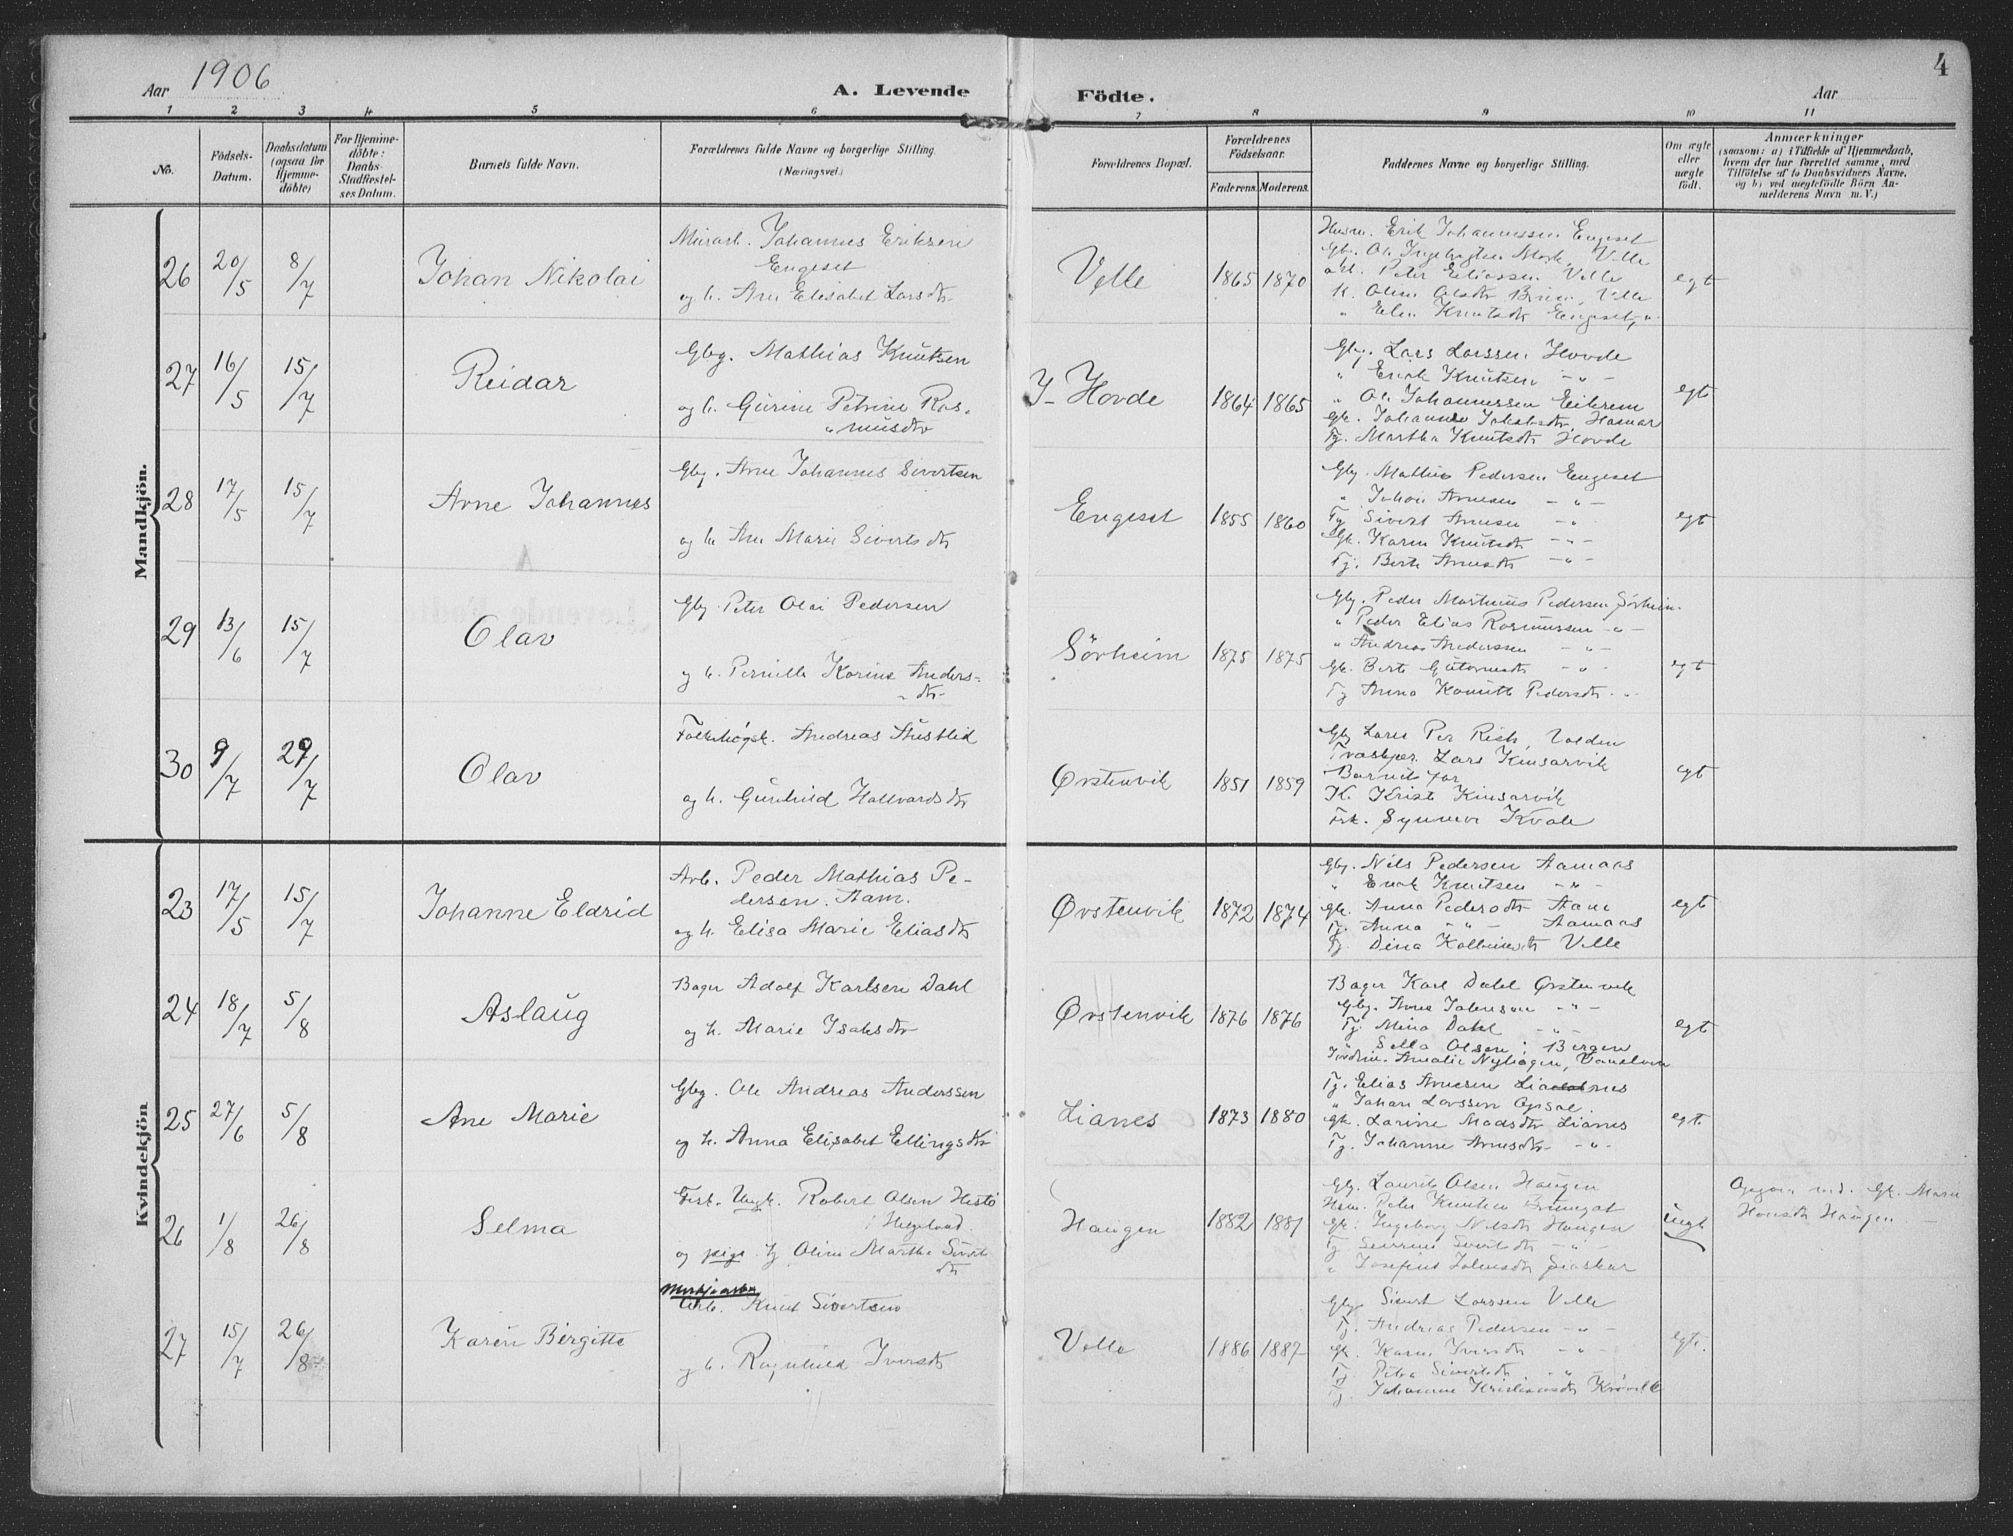 SAT, Ministerialprotokoller, klokkerbøker og fødselsregistre - Møre og Romsdal, 513/L0178: Parish register (official) no. 513A05, 1906-1919, p. 4